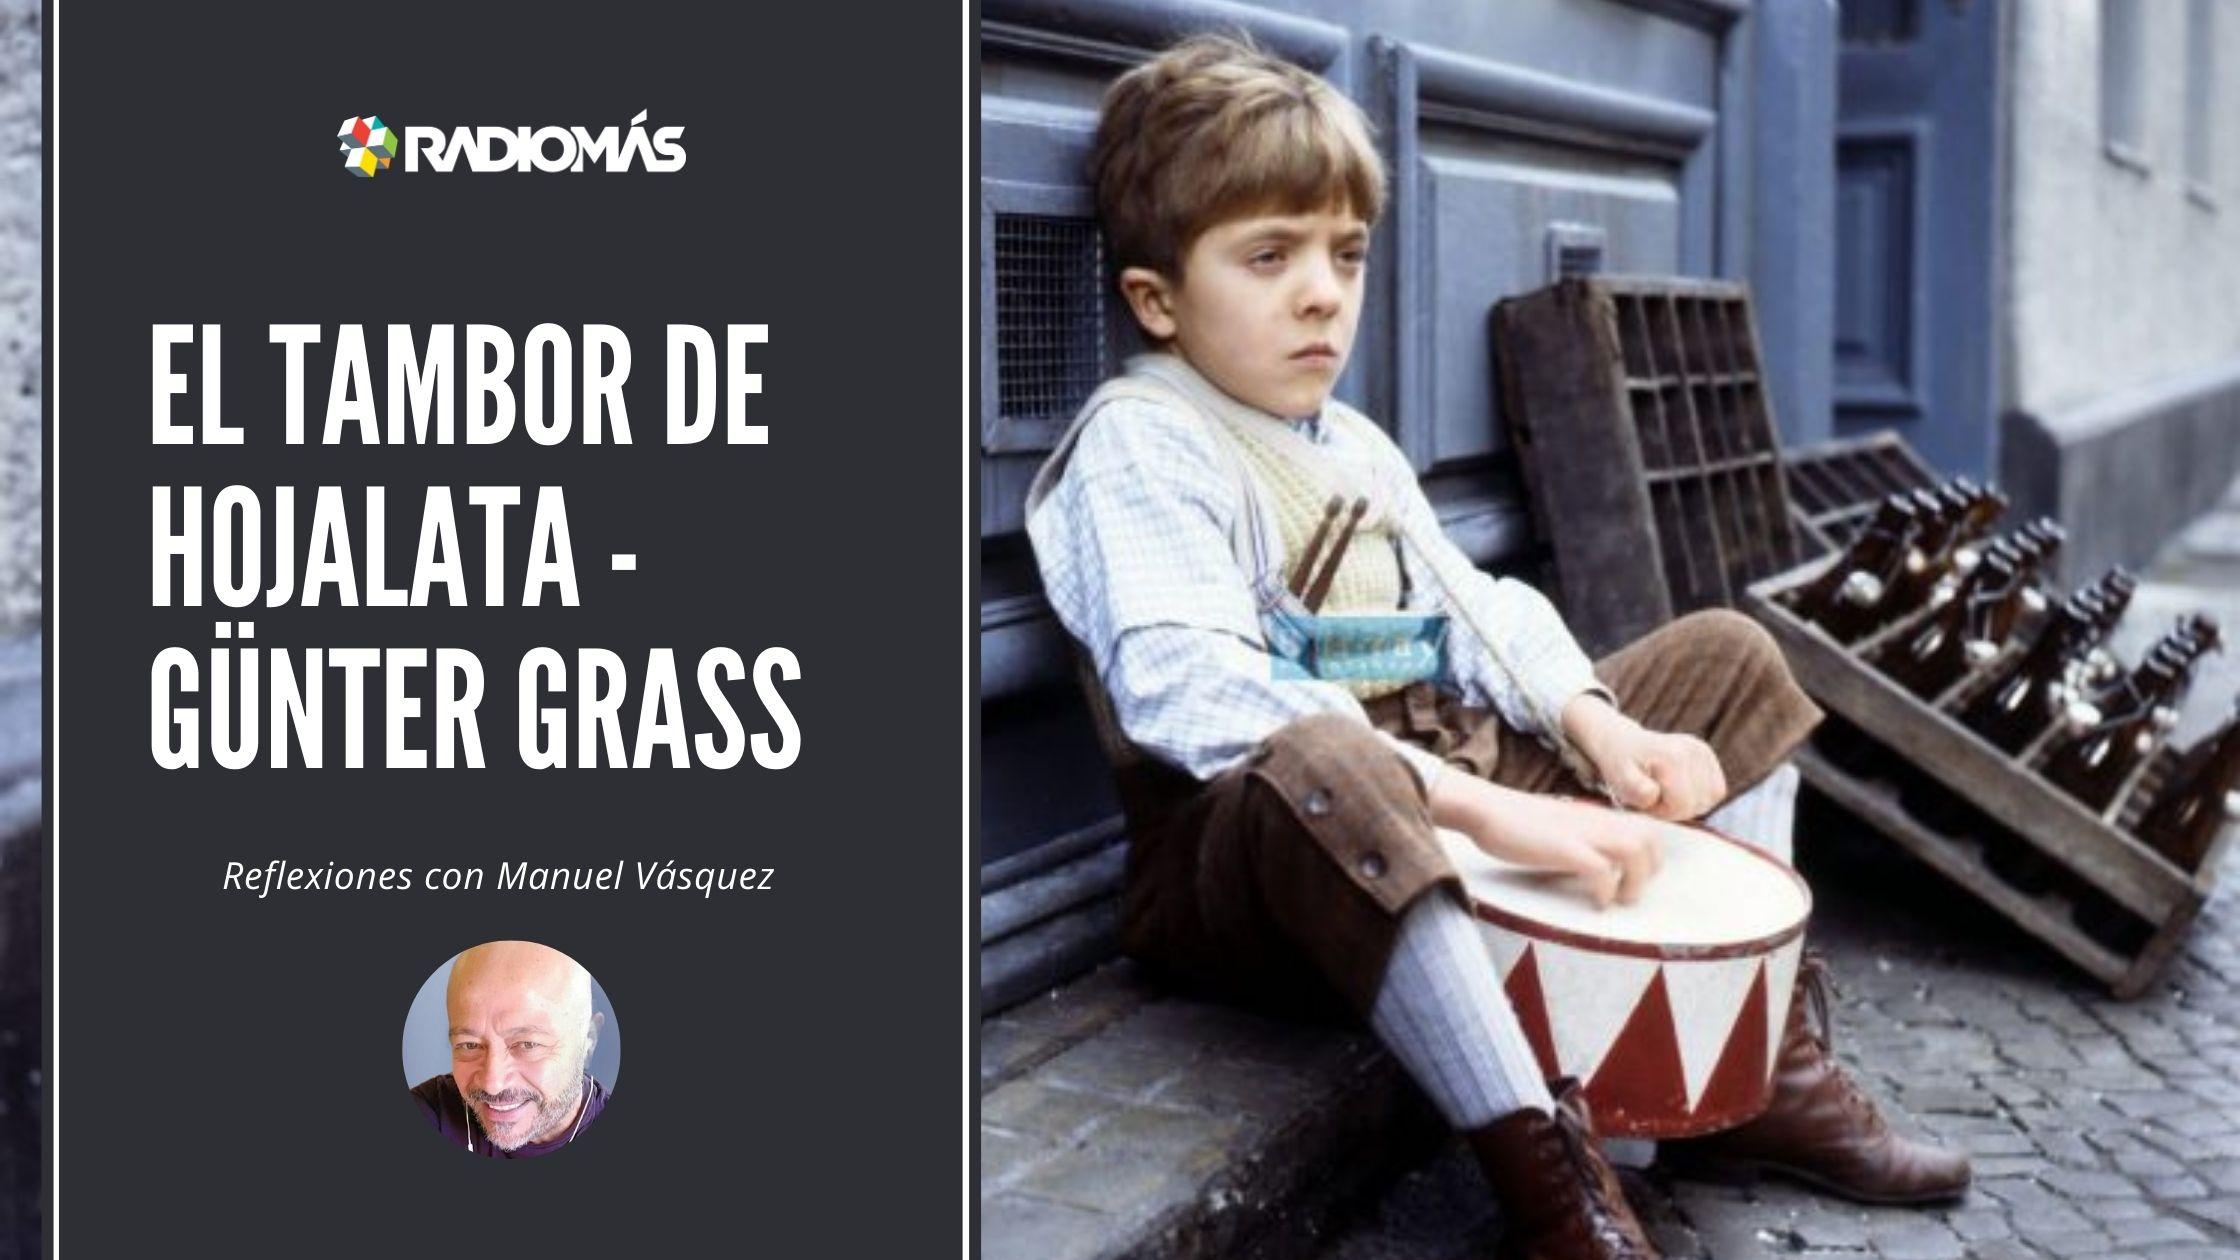 Günter Grass y su Tambor de hojalata – Reflexiones con Manuel Vásquez.